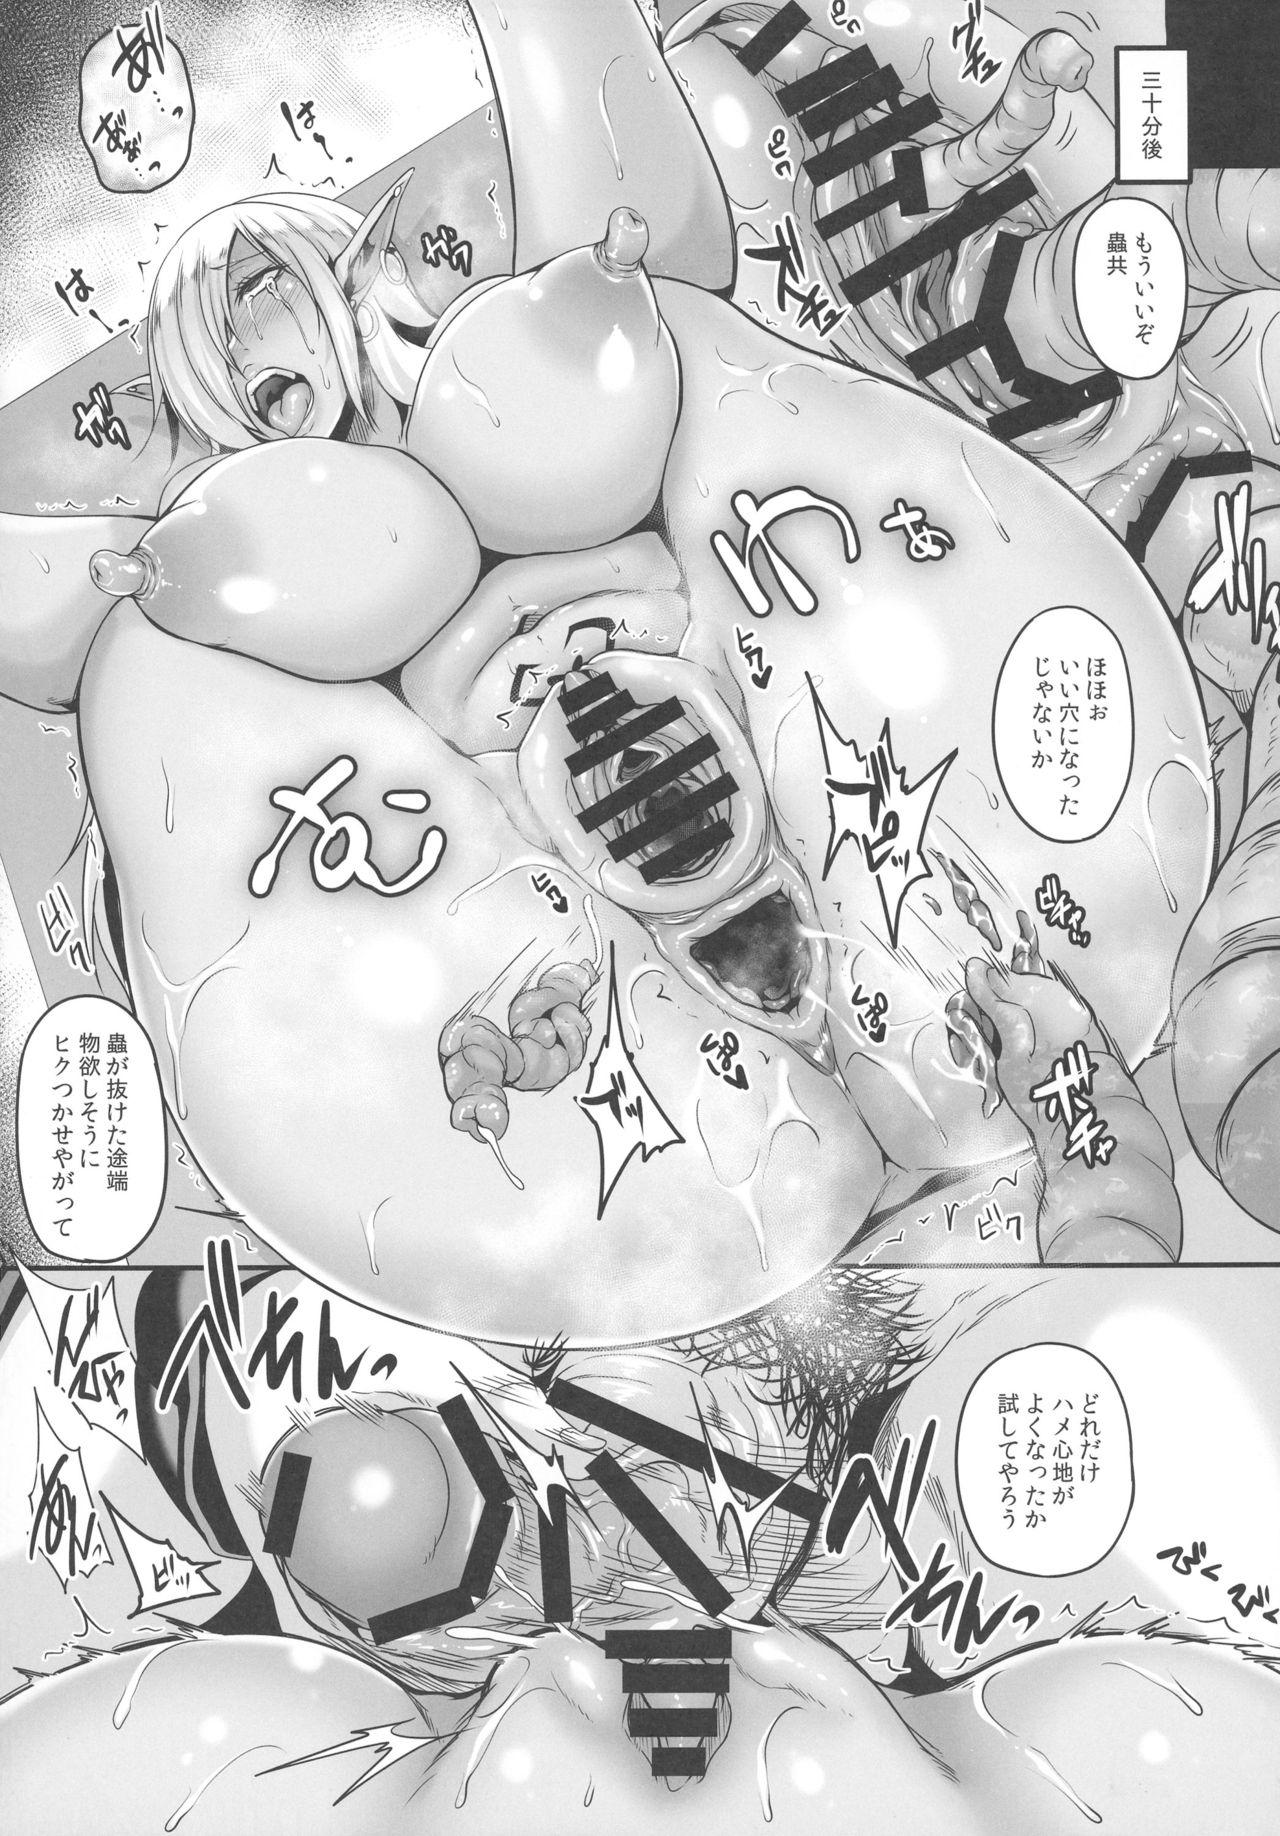 【エロ漫画・エロ同人誌】陥没乳首の巨乳エルフが魔族に拘束されて陵辱されまくりンゴwww (20)